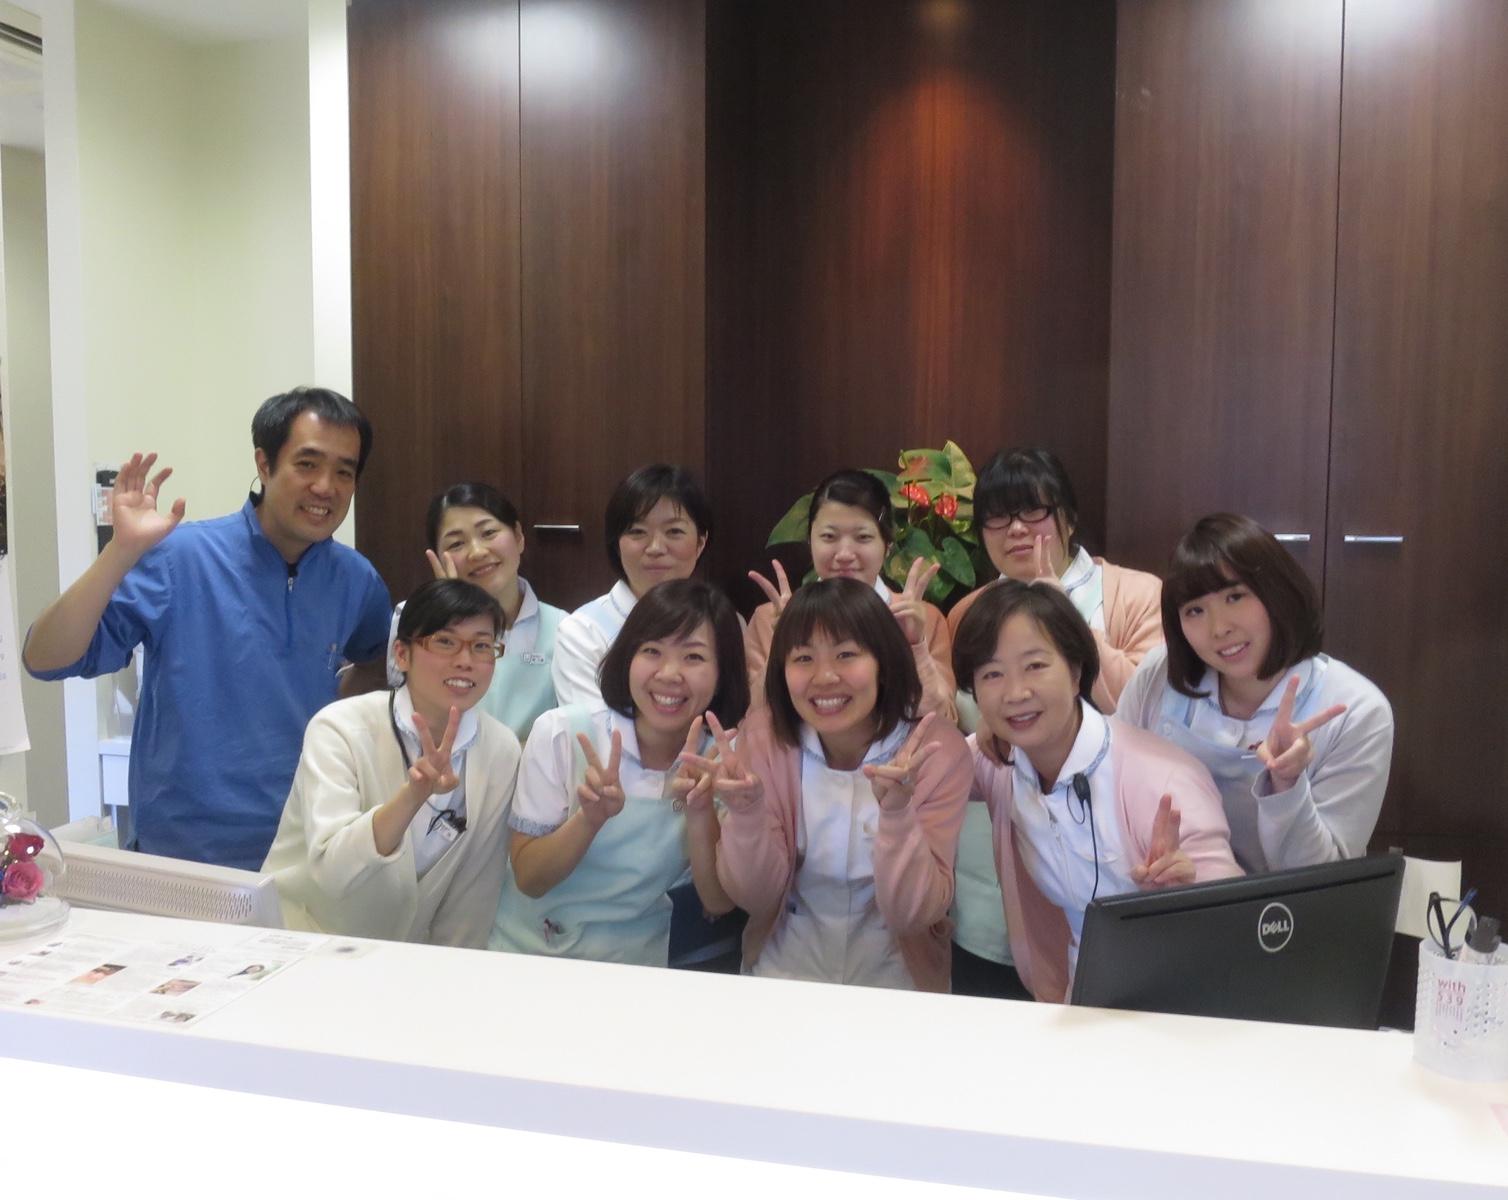 【担当制】でメンテナンスの患者さんが多く予防歯科に力を入れている、地域密着の歯科医院です!